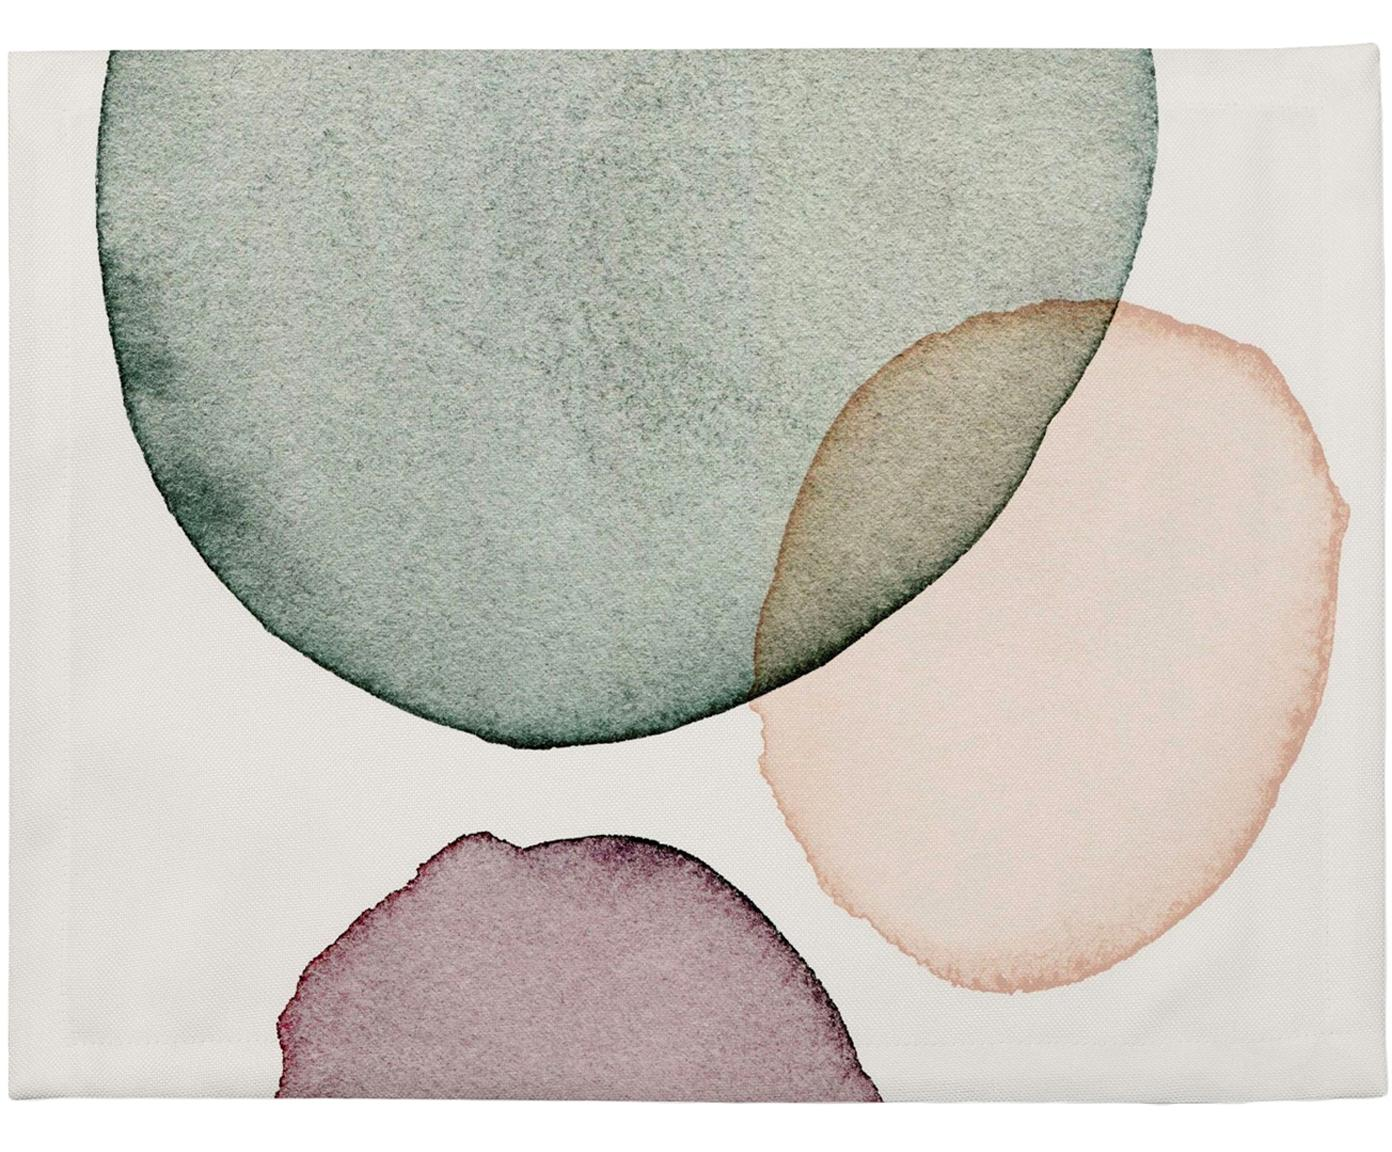 Podkładka Calm, 4 szt., Poliester, Biały, zielony, lila, odcienie łososiowego, S 35 x D 45 cm